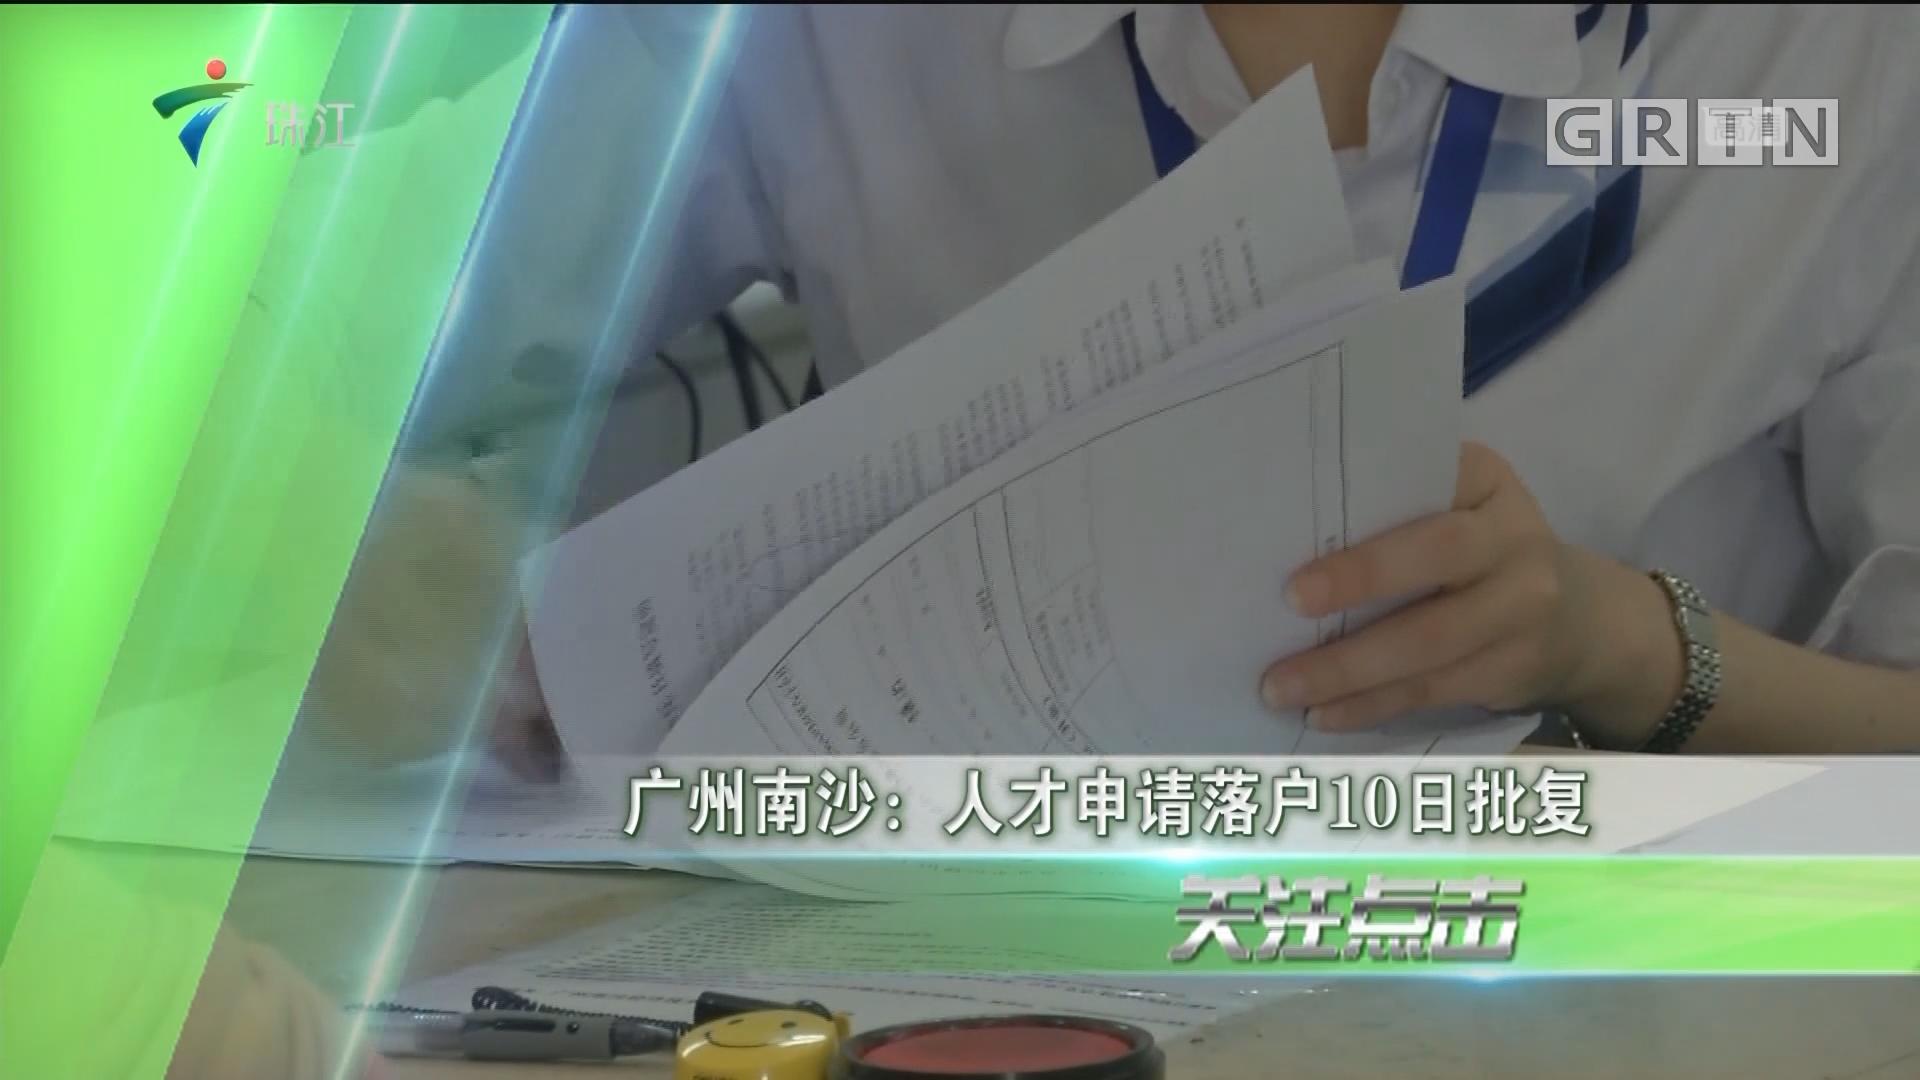 广州南沙:人才申请落户10日批复